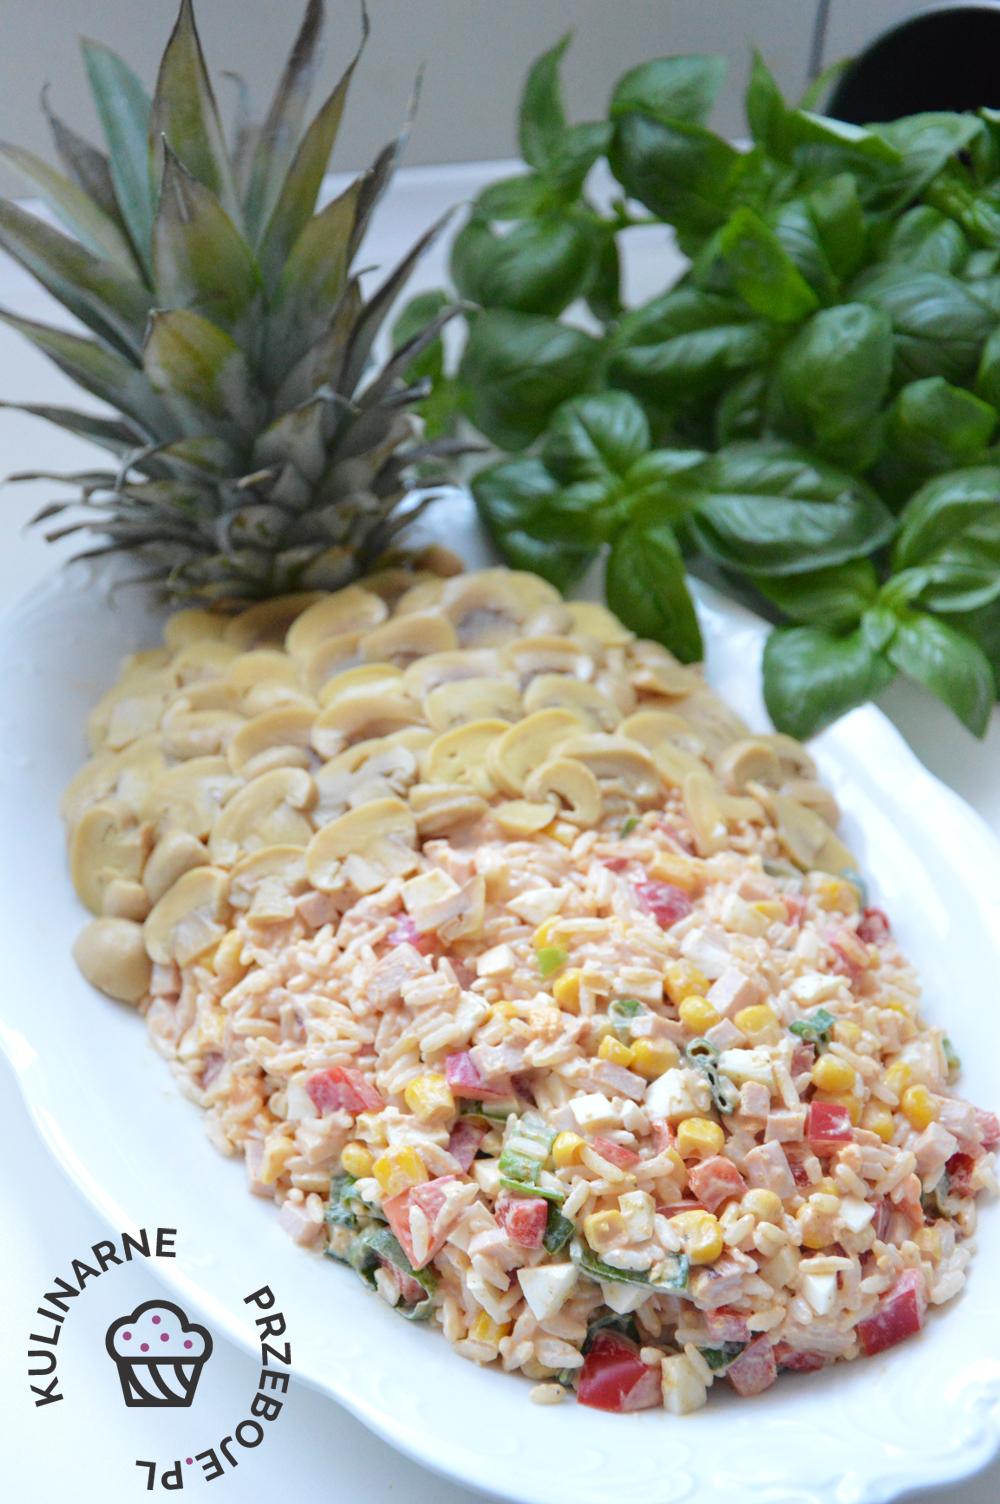 Pyszna sałatka z ryżem, z dodatkiem kukurydzy, pieczarek, szynki i papryki czerwonej